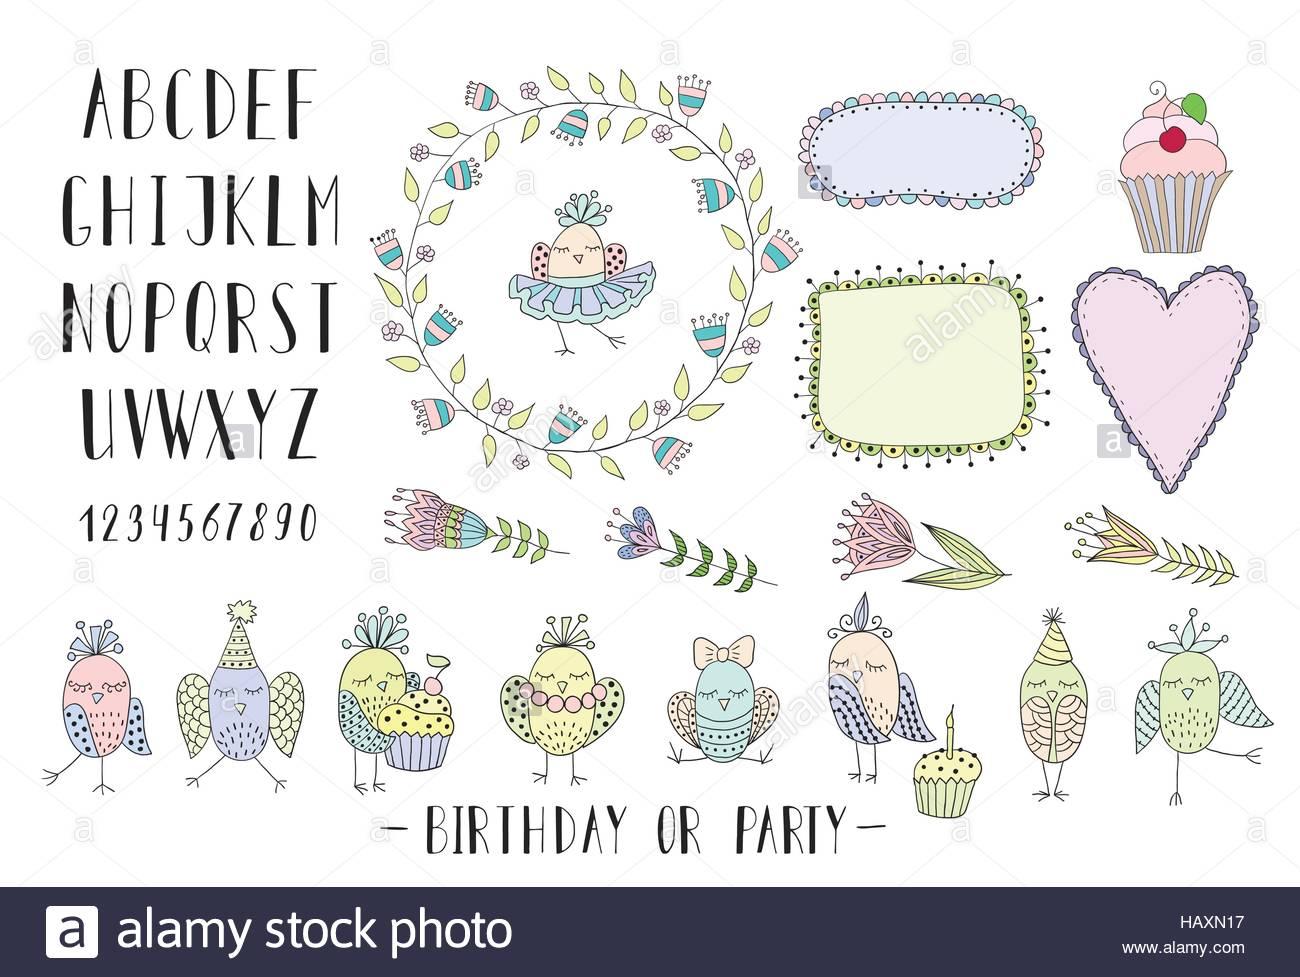 Elemente zum Erstellen von Grußkarten, Einladungen für Geburtstag ...